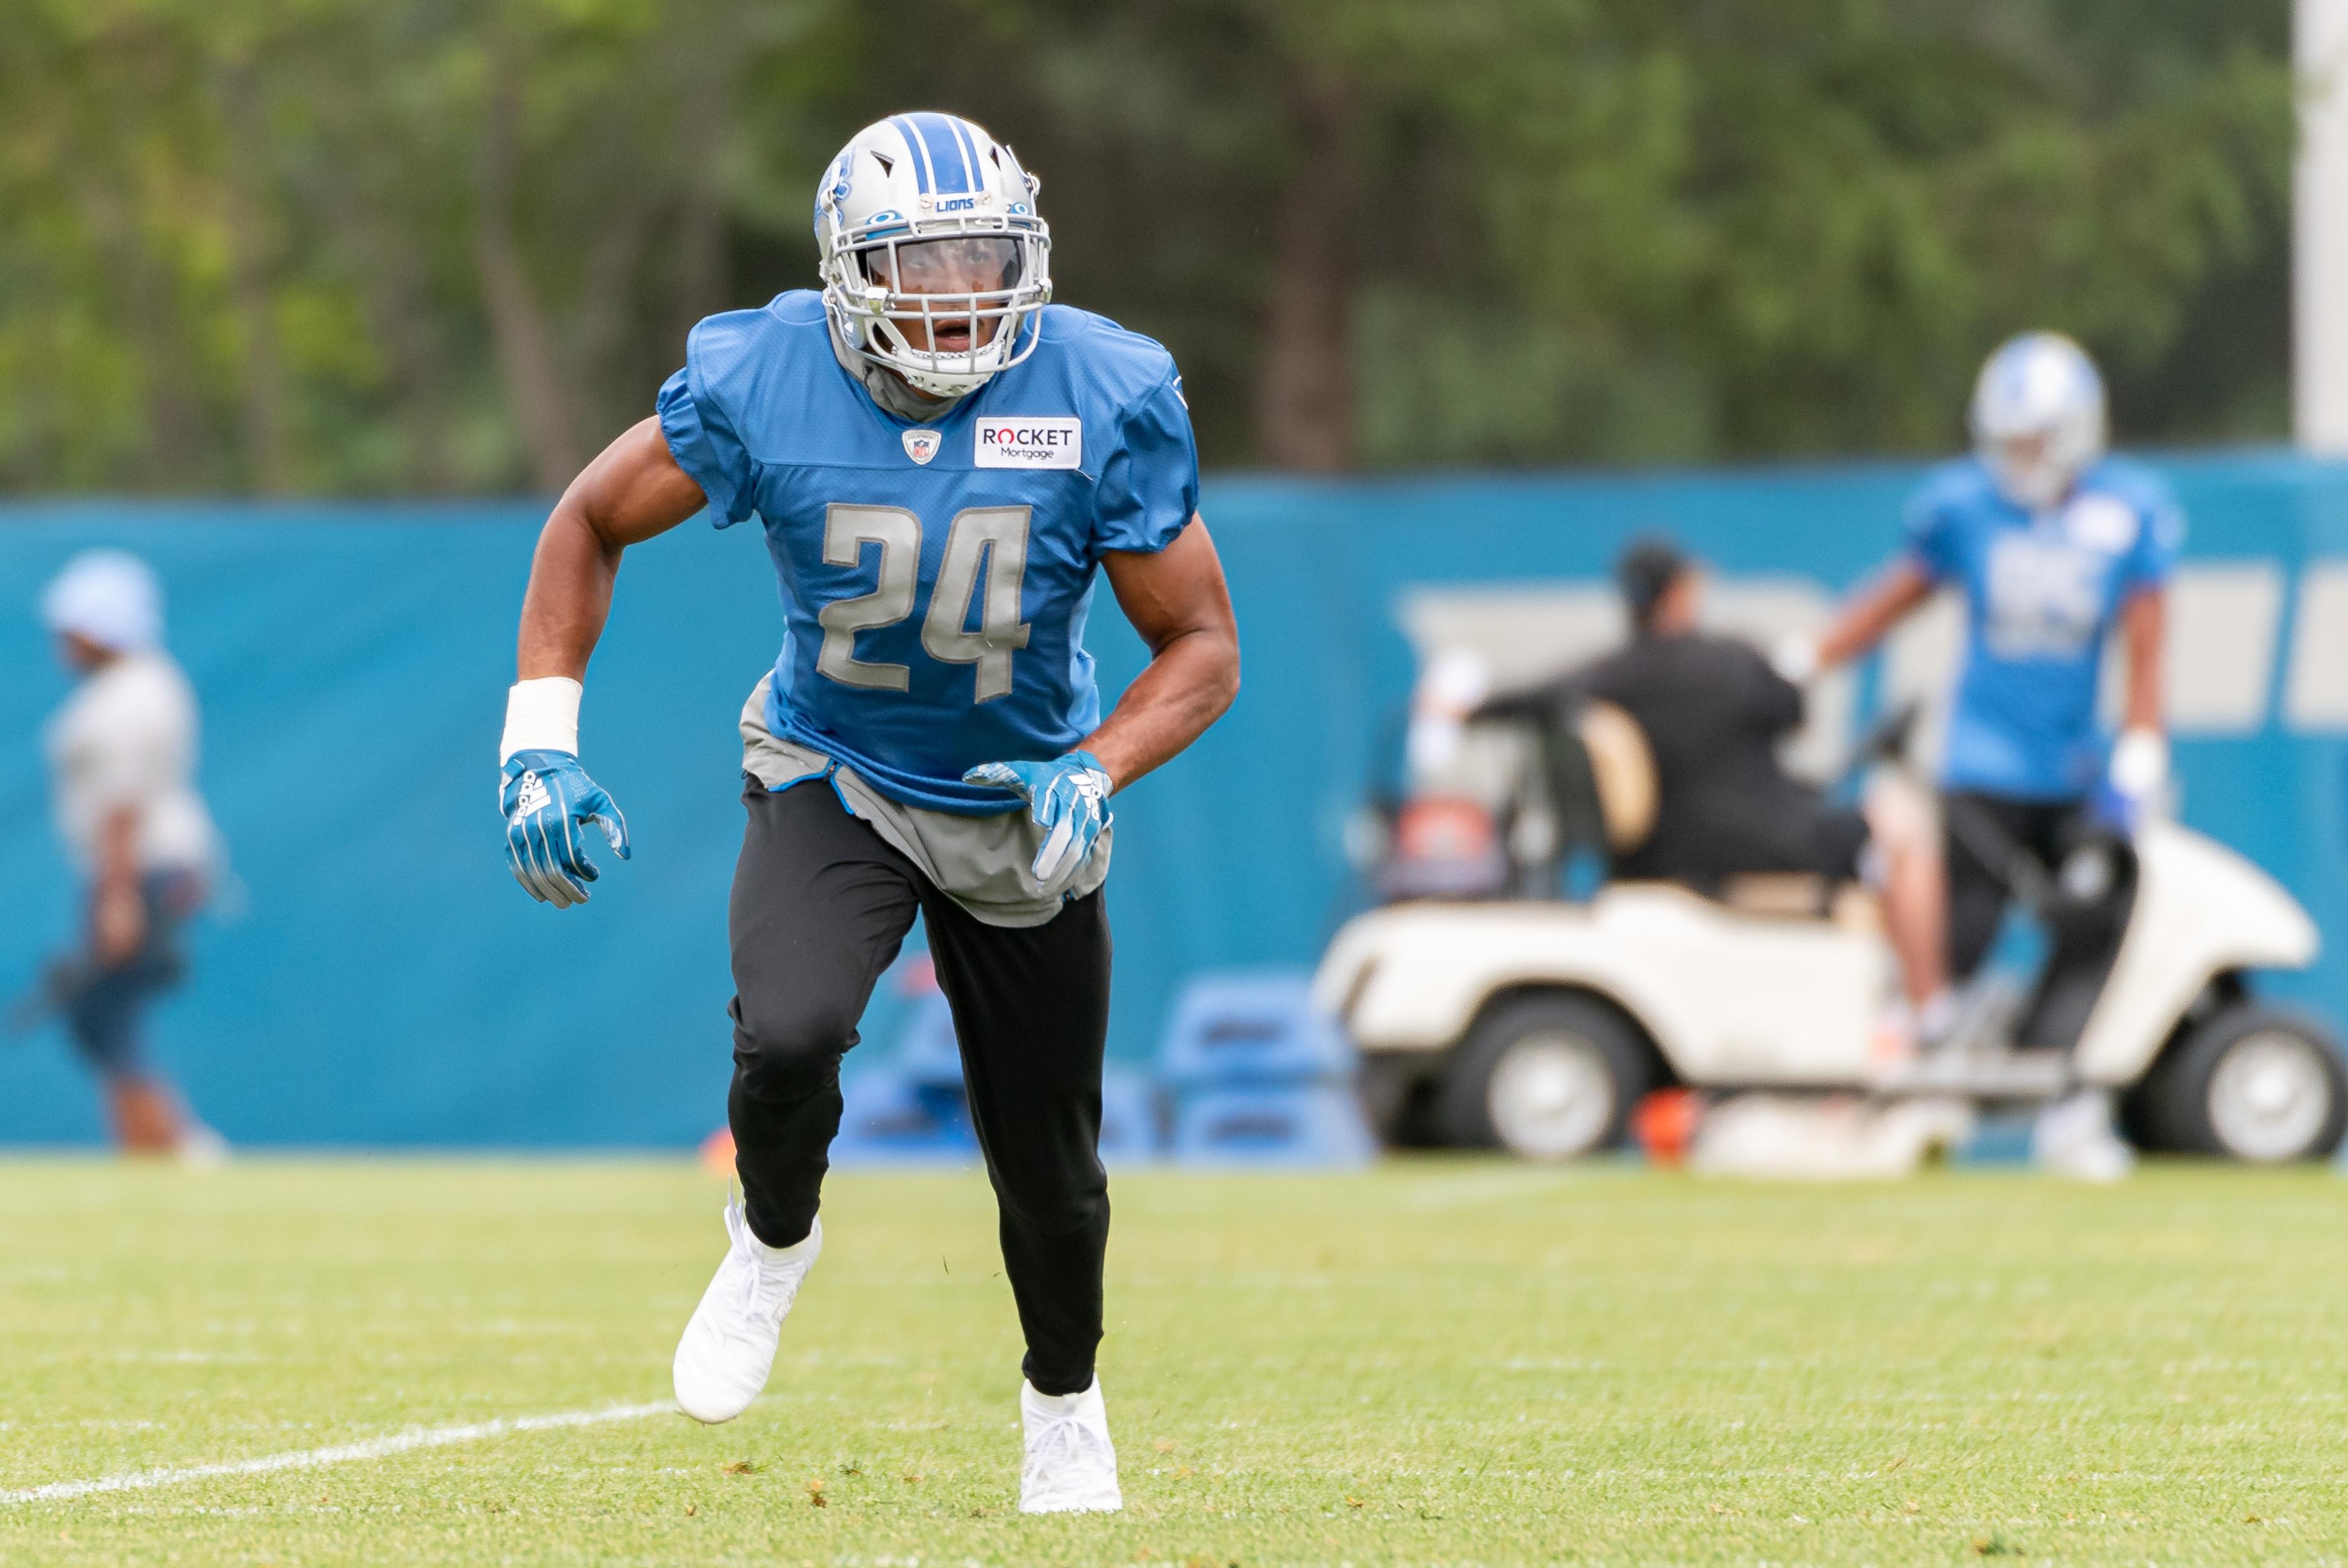 NFL: AUG 13 Detroit Lions Training Camp